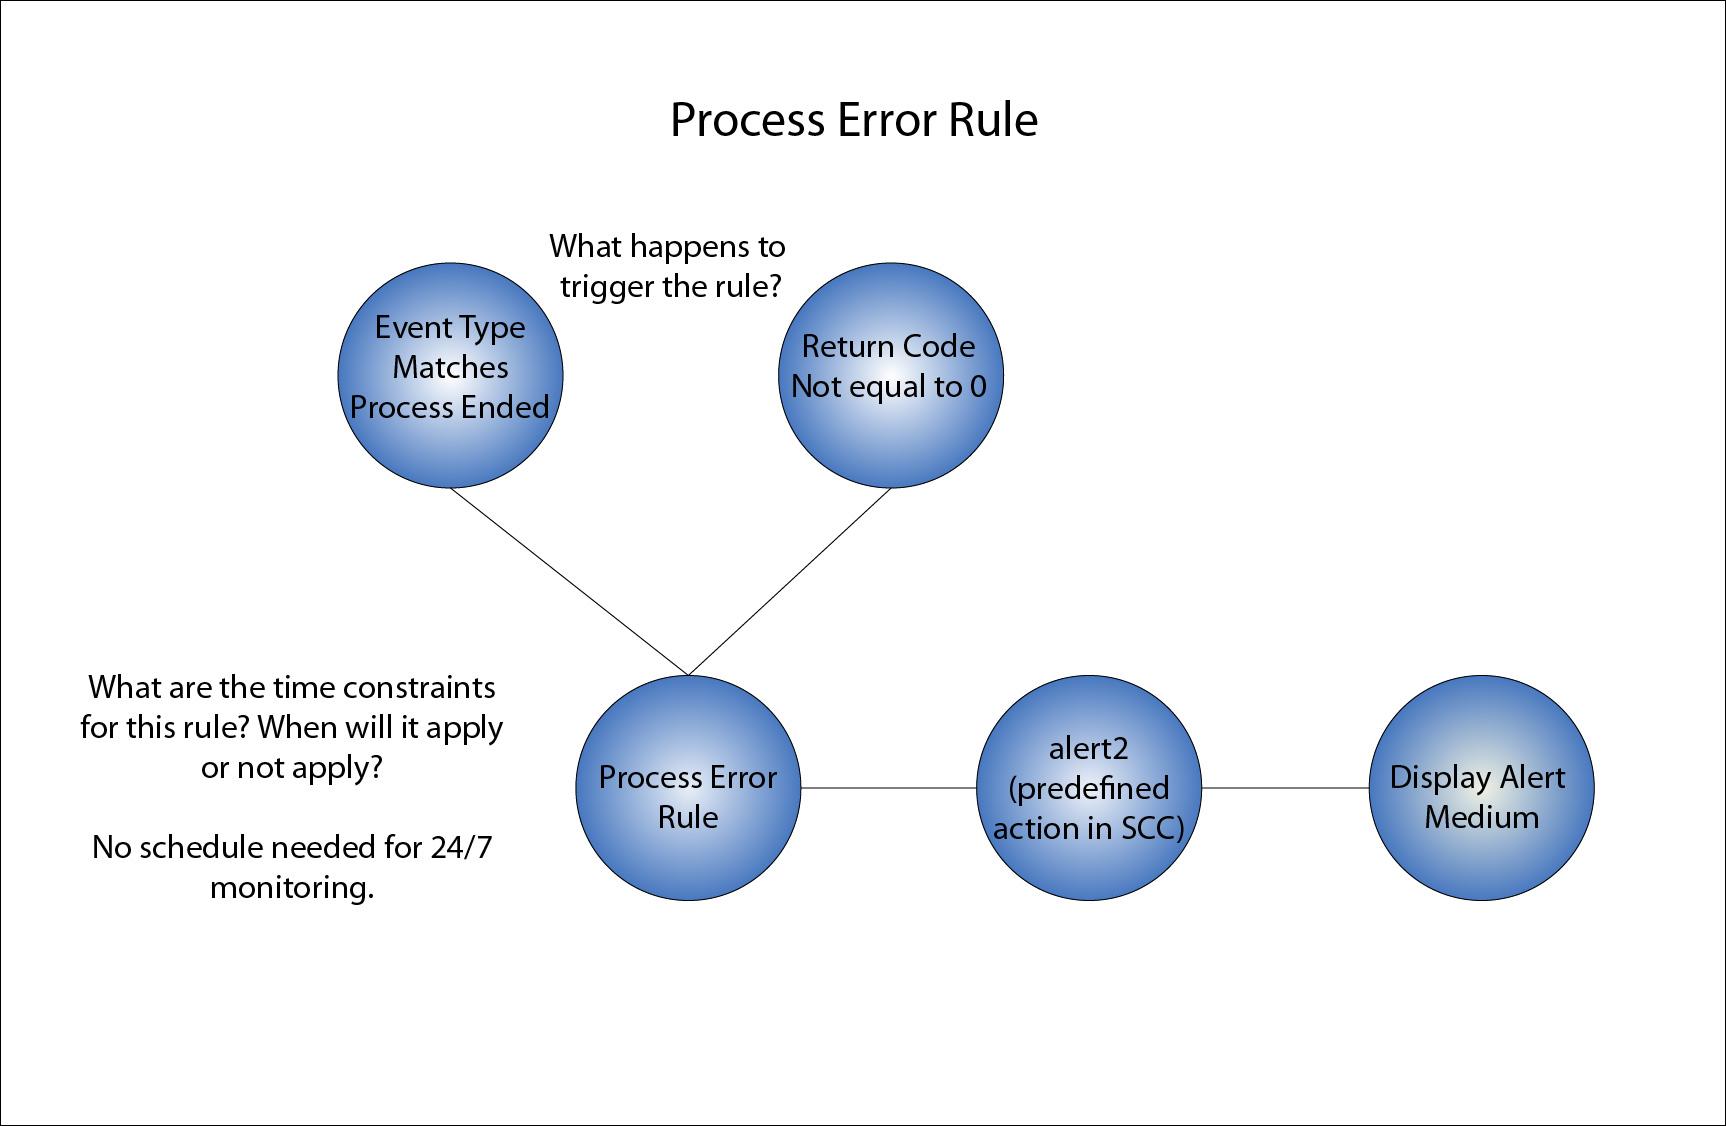 Process Error Rule